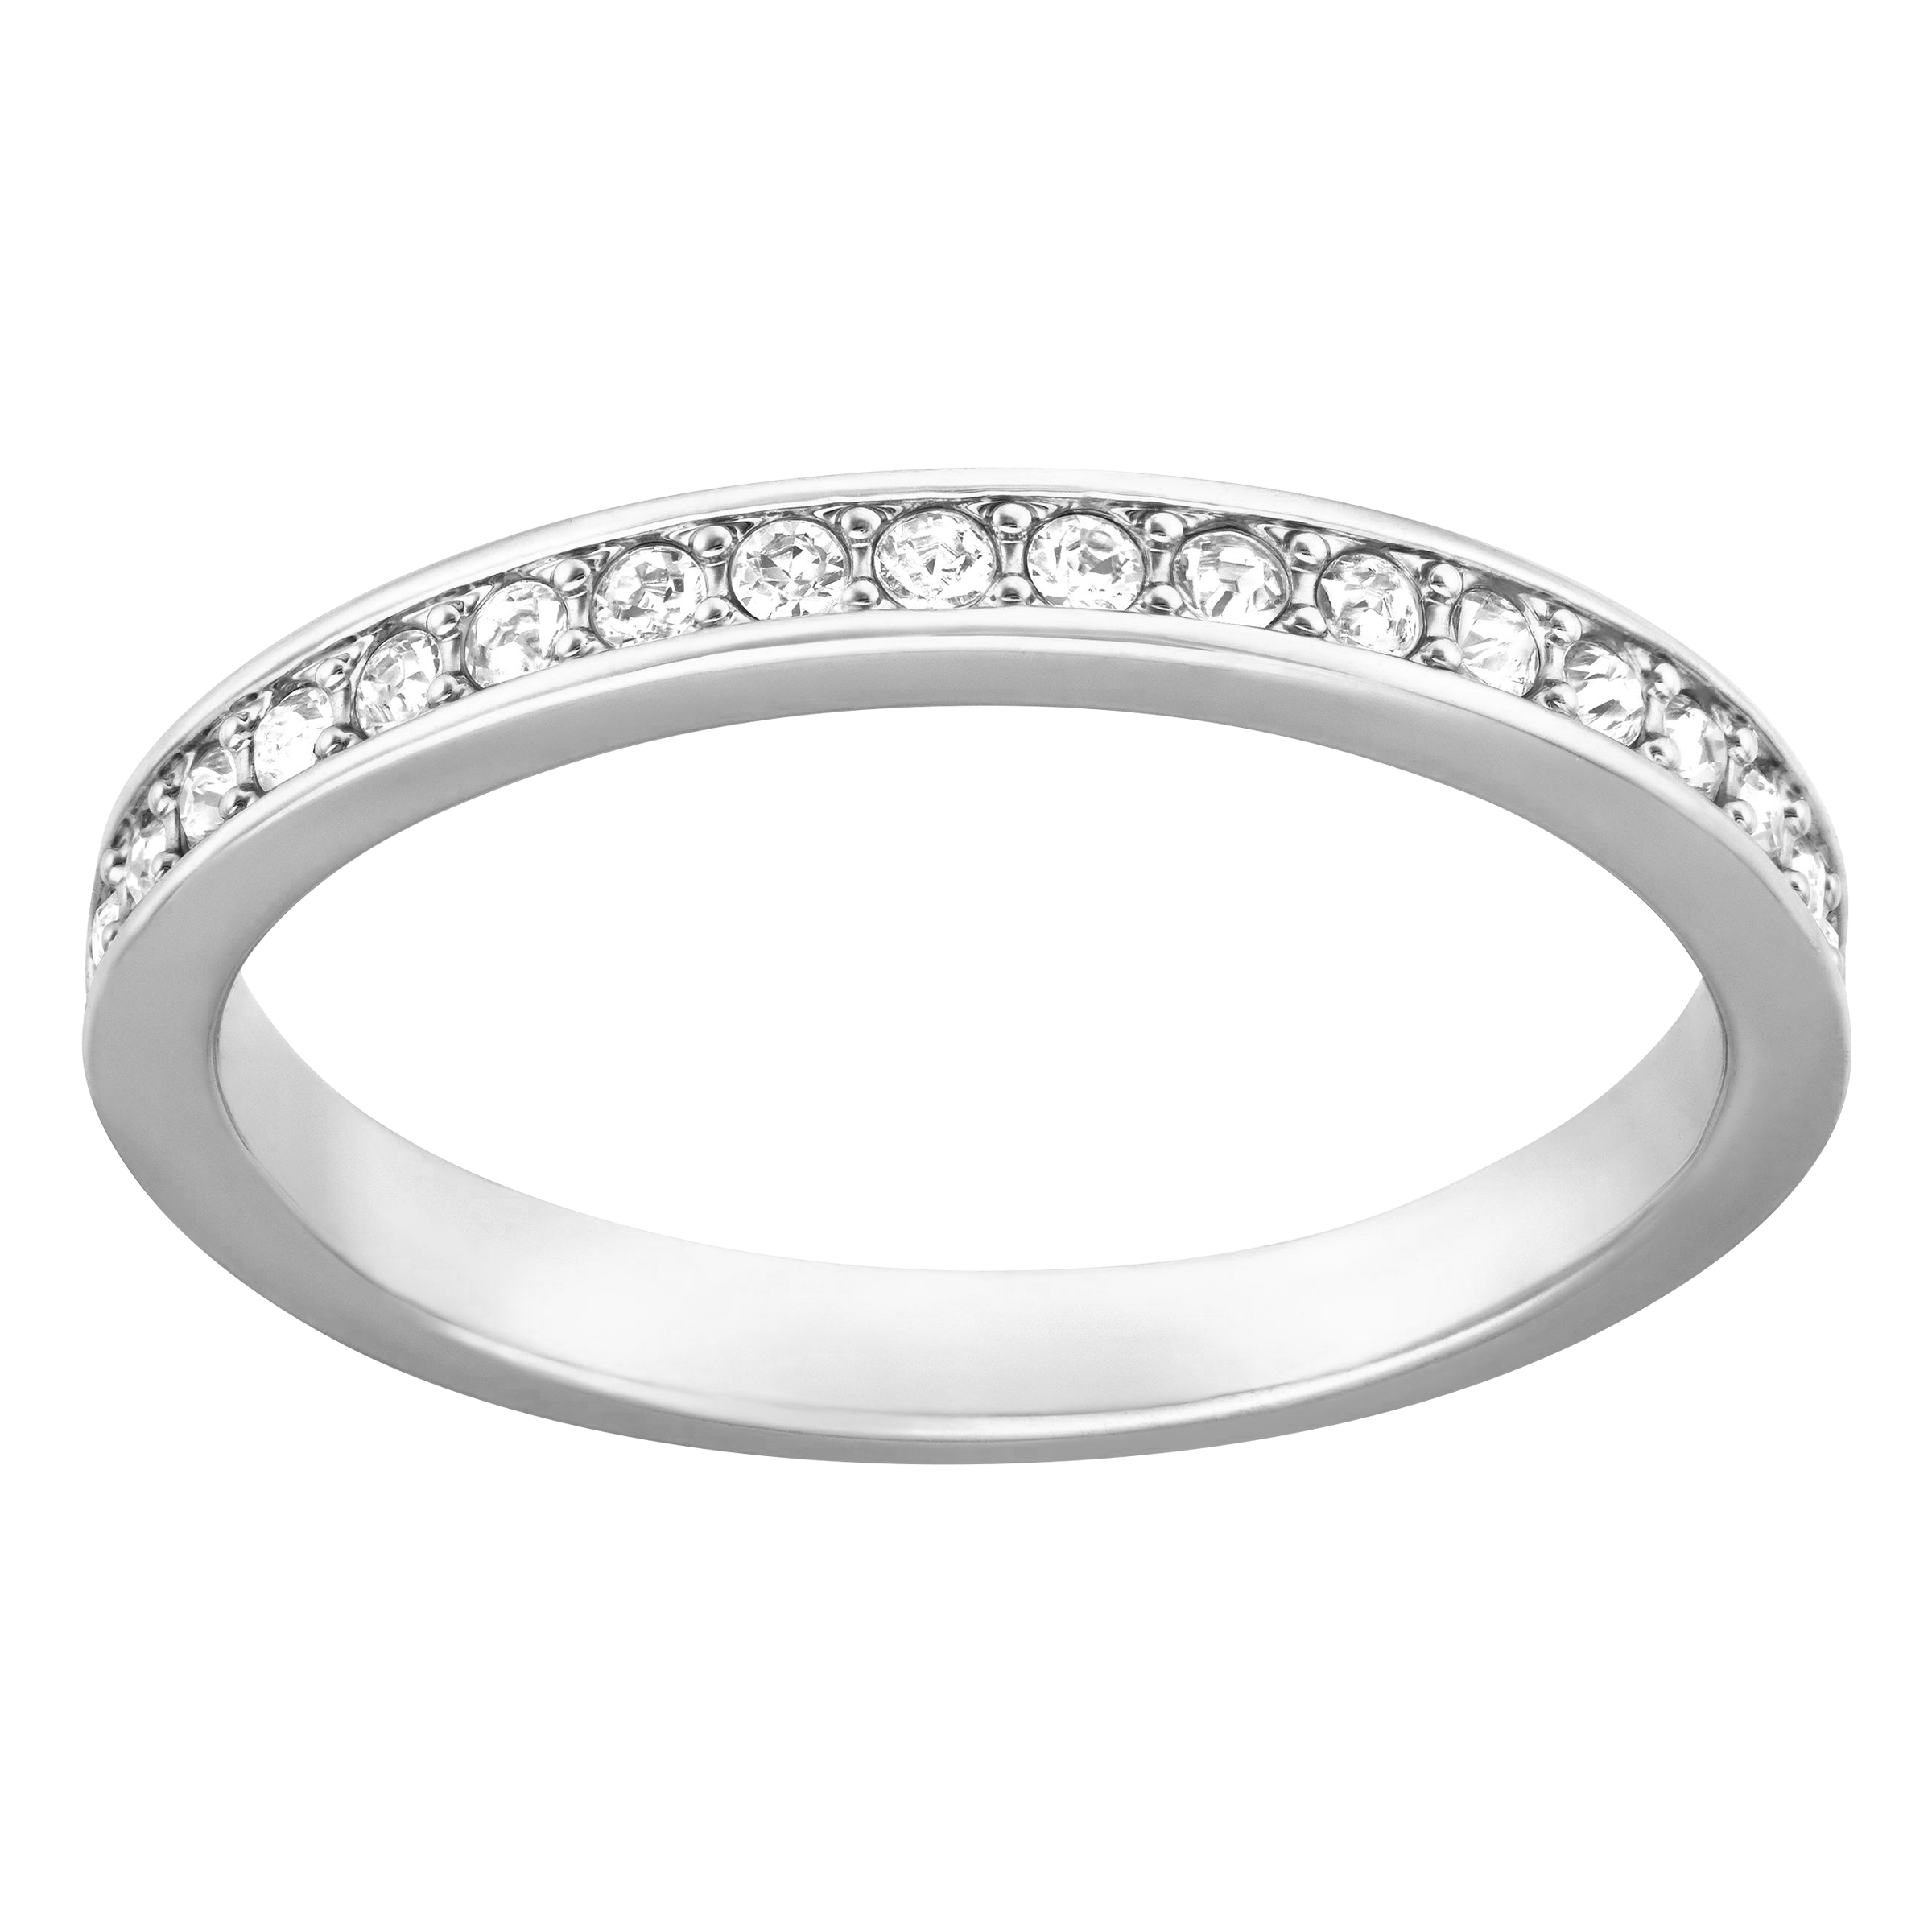 Rare Ring, White, Rhodium Plated